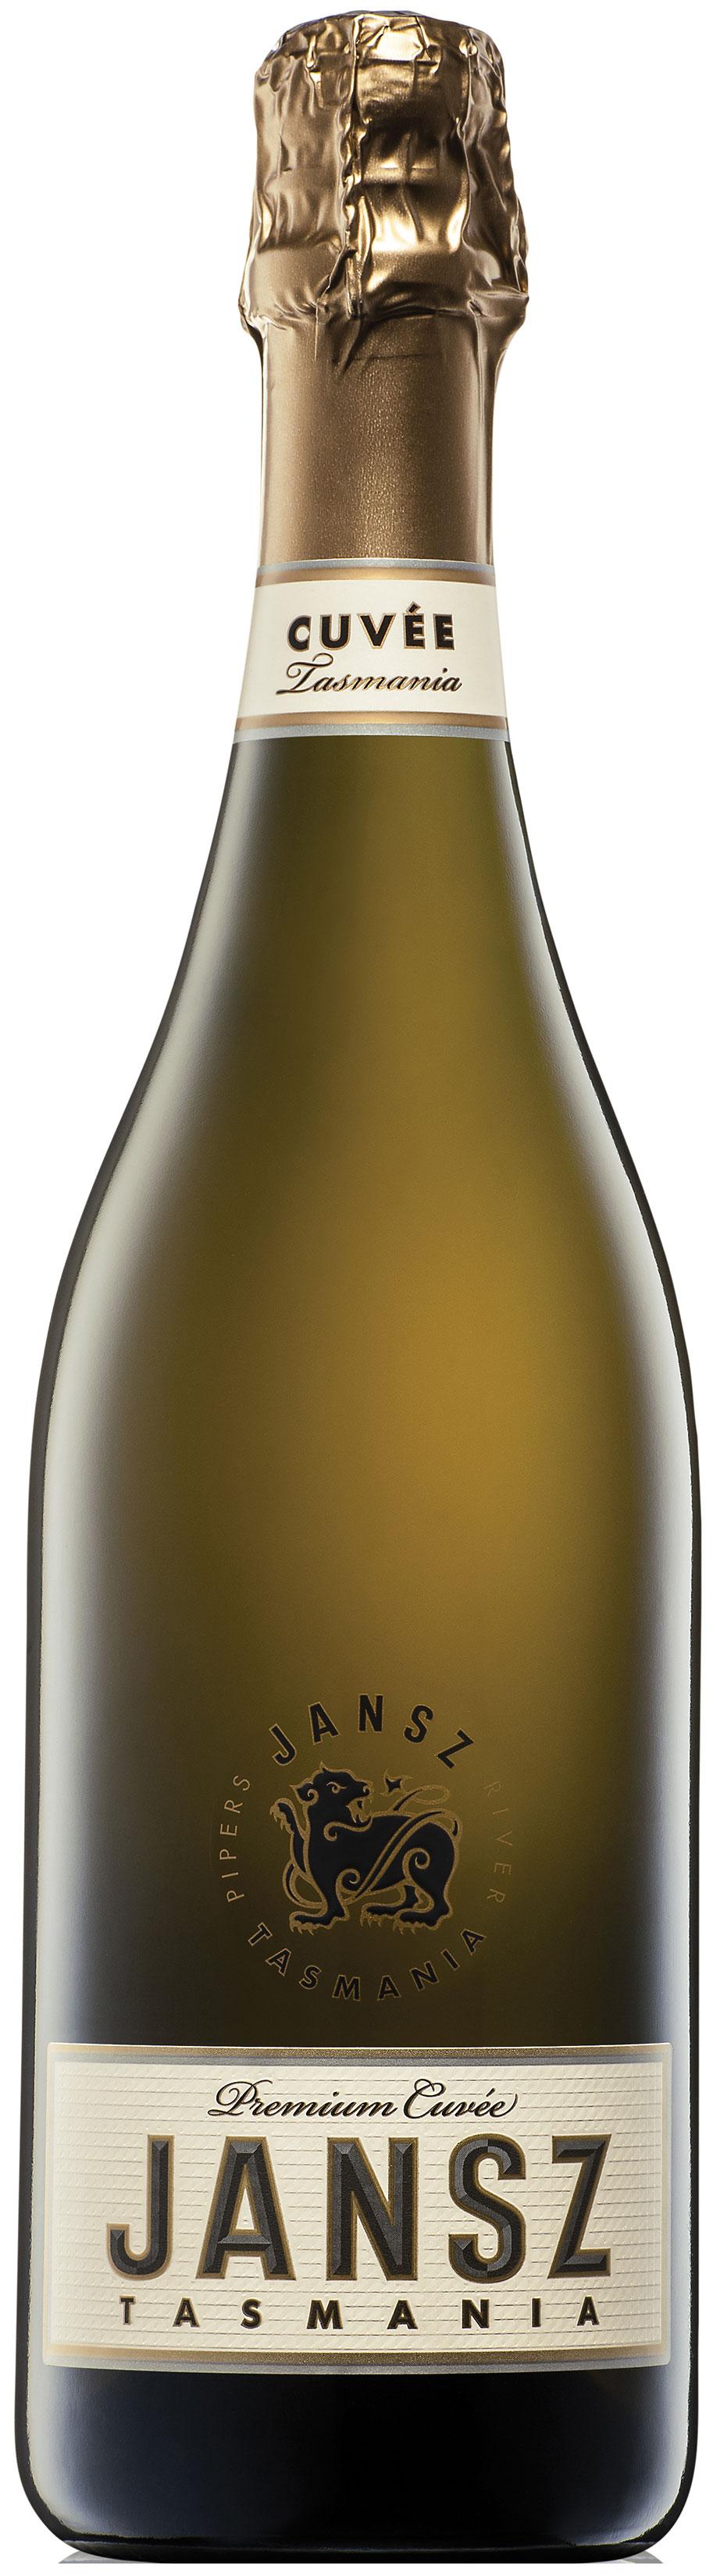 https://vinocorpperu.com/images/vinos/jansz/janz_tasmania_premium_cuvee_nv.jpg